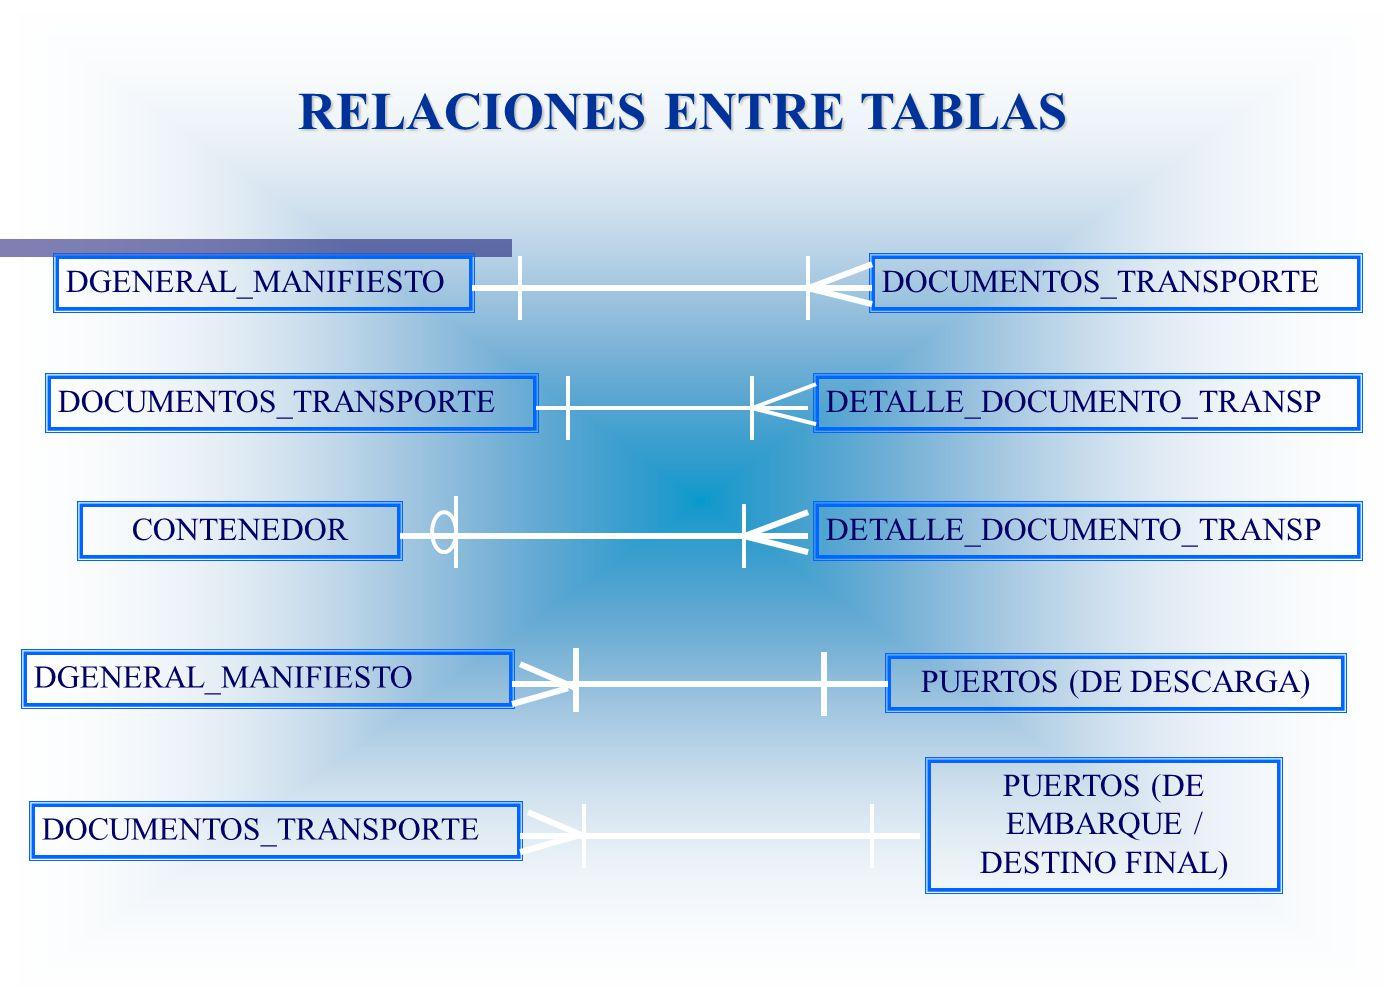 RELACIONES ENTRE TABLAS DGENERAL_MANIFIESTODOCUMENTOS_TRANSPORTE DETALLE_DOCUMENTO_TRANSP CONTENEDOR DOCUMENTOS_TRANSPORTE DGENERAL_MANIFIESTO PUERTOS